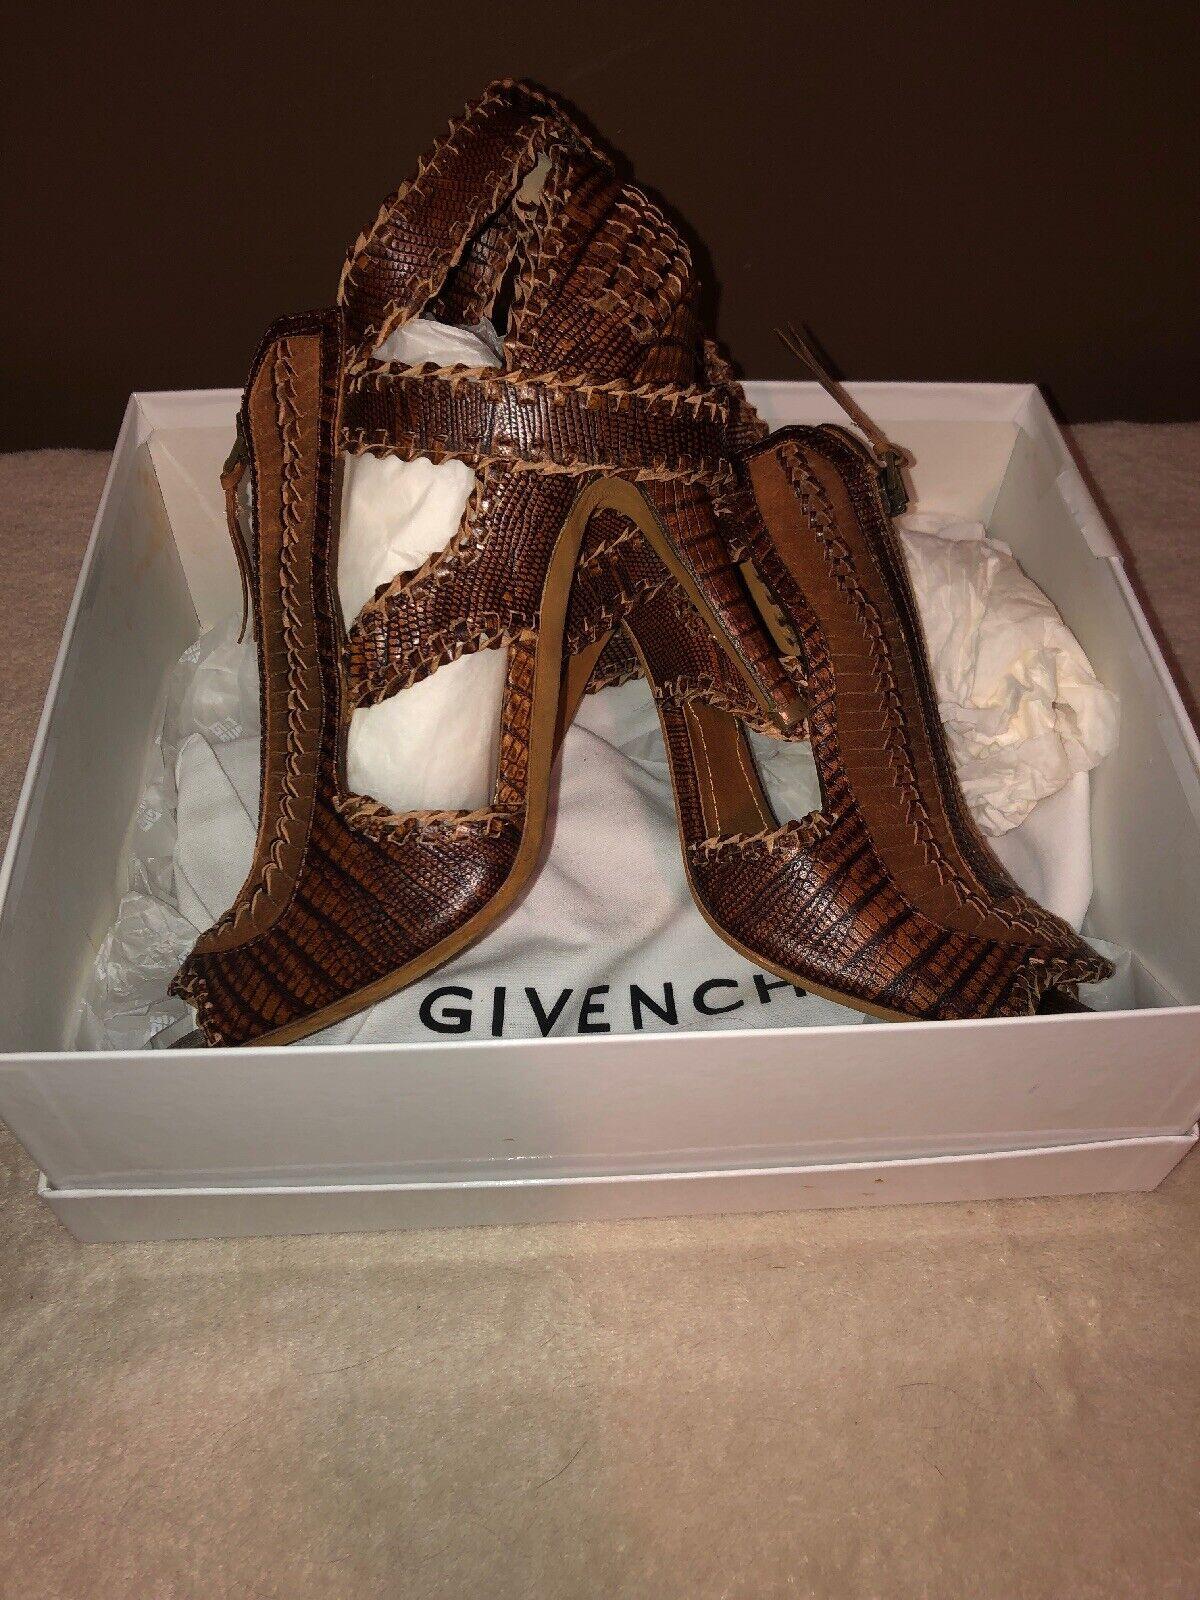 Givenchy braun 39.5 US 9.5 H. Calf PR. Brique Zipper Heels damen's schuhe   Wow